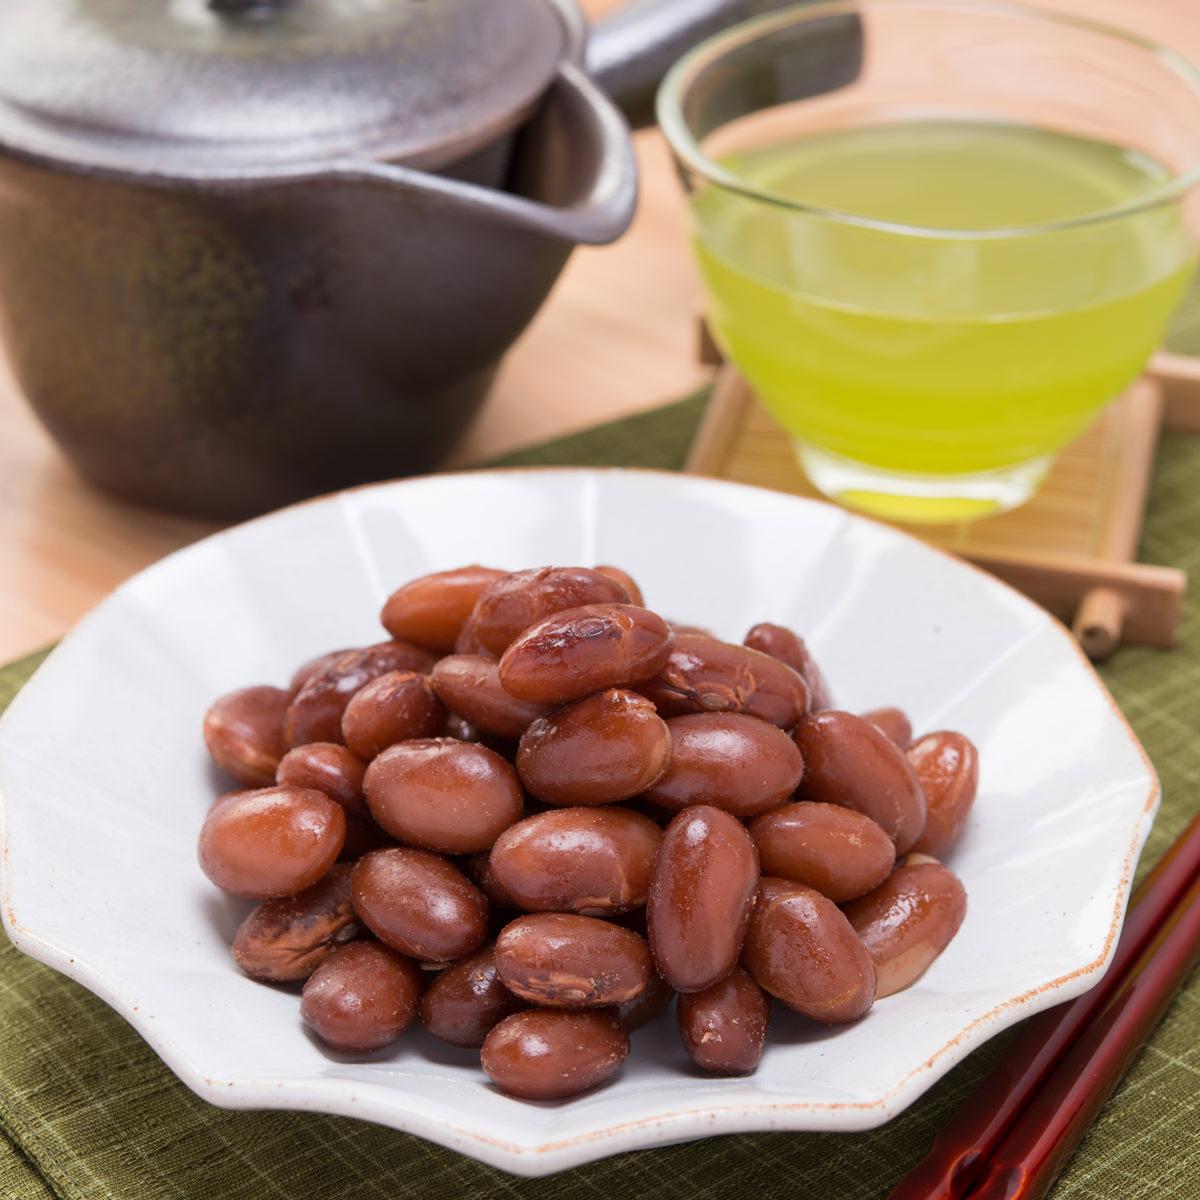 カネハツ 北海道産 大正金時豆100% 煮豆 お茶うけきんとき〔100g×4〕